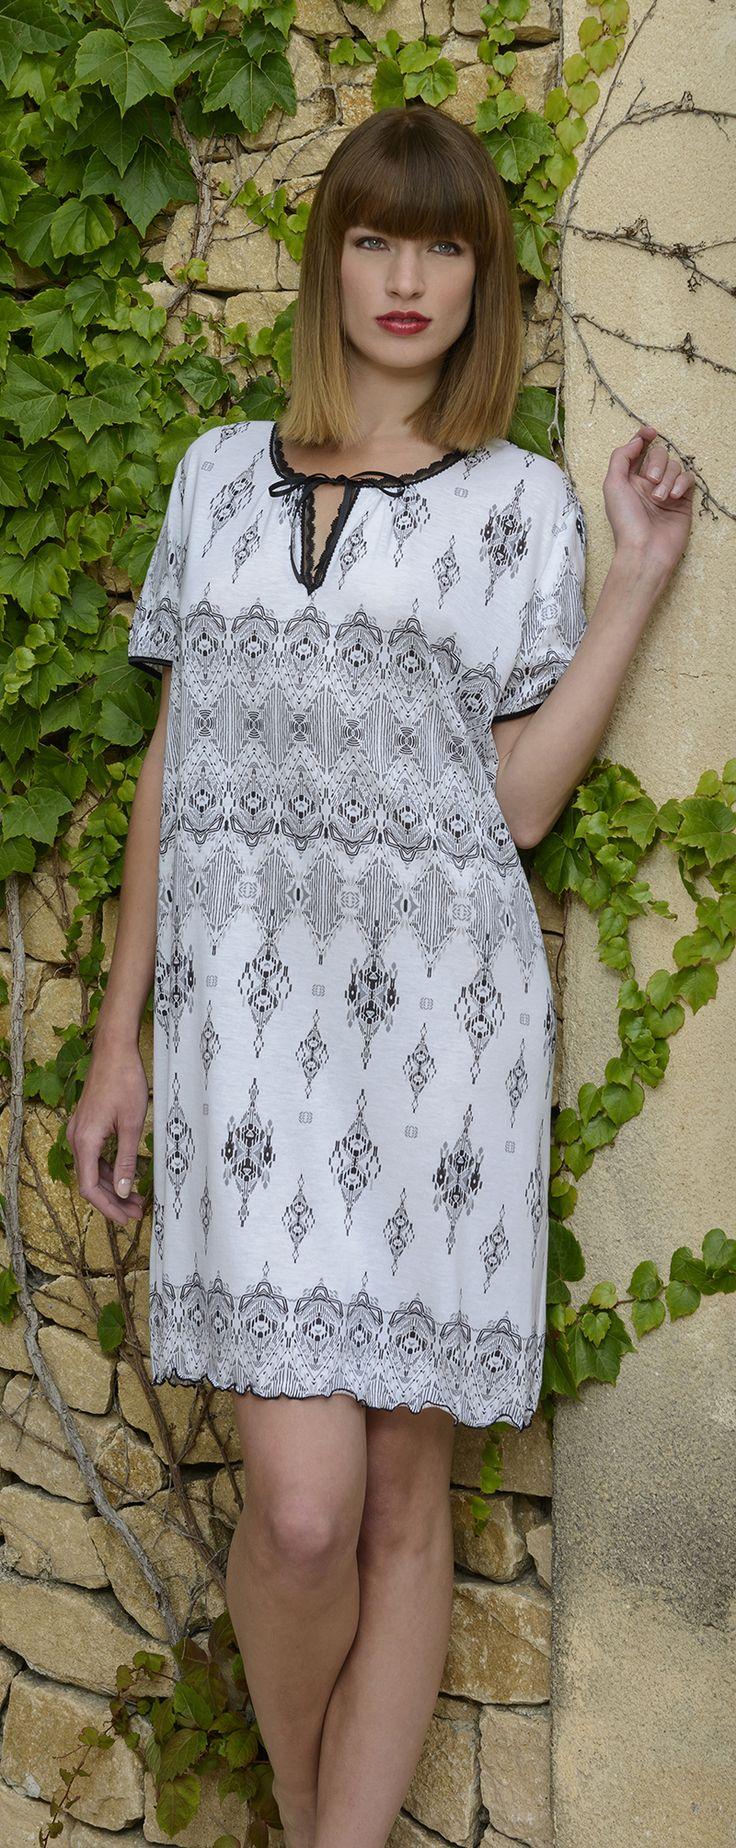 CYBÈLE Jaro-léto 2015 | Noční prádlo | Noční košile | Nightwear | Nightdress | www.naturana-plavky-pradlo.cz